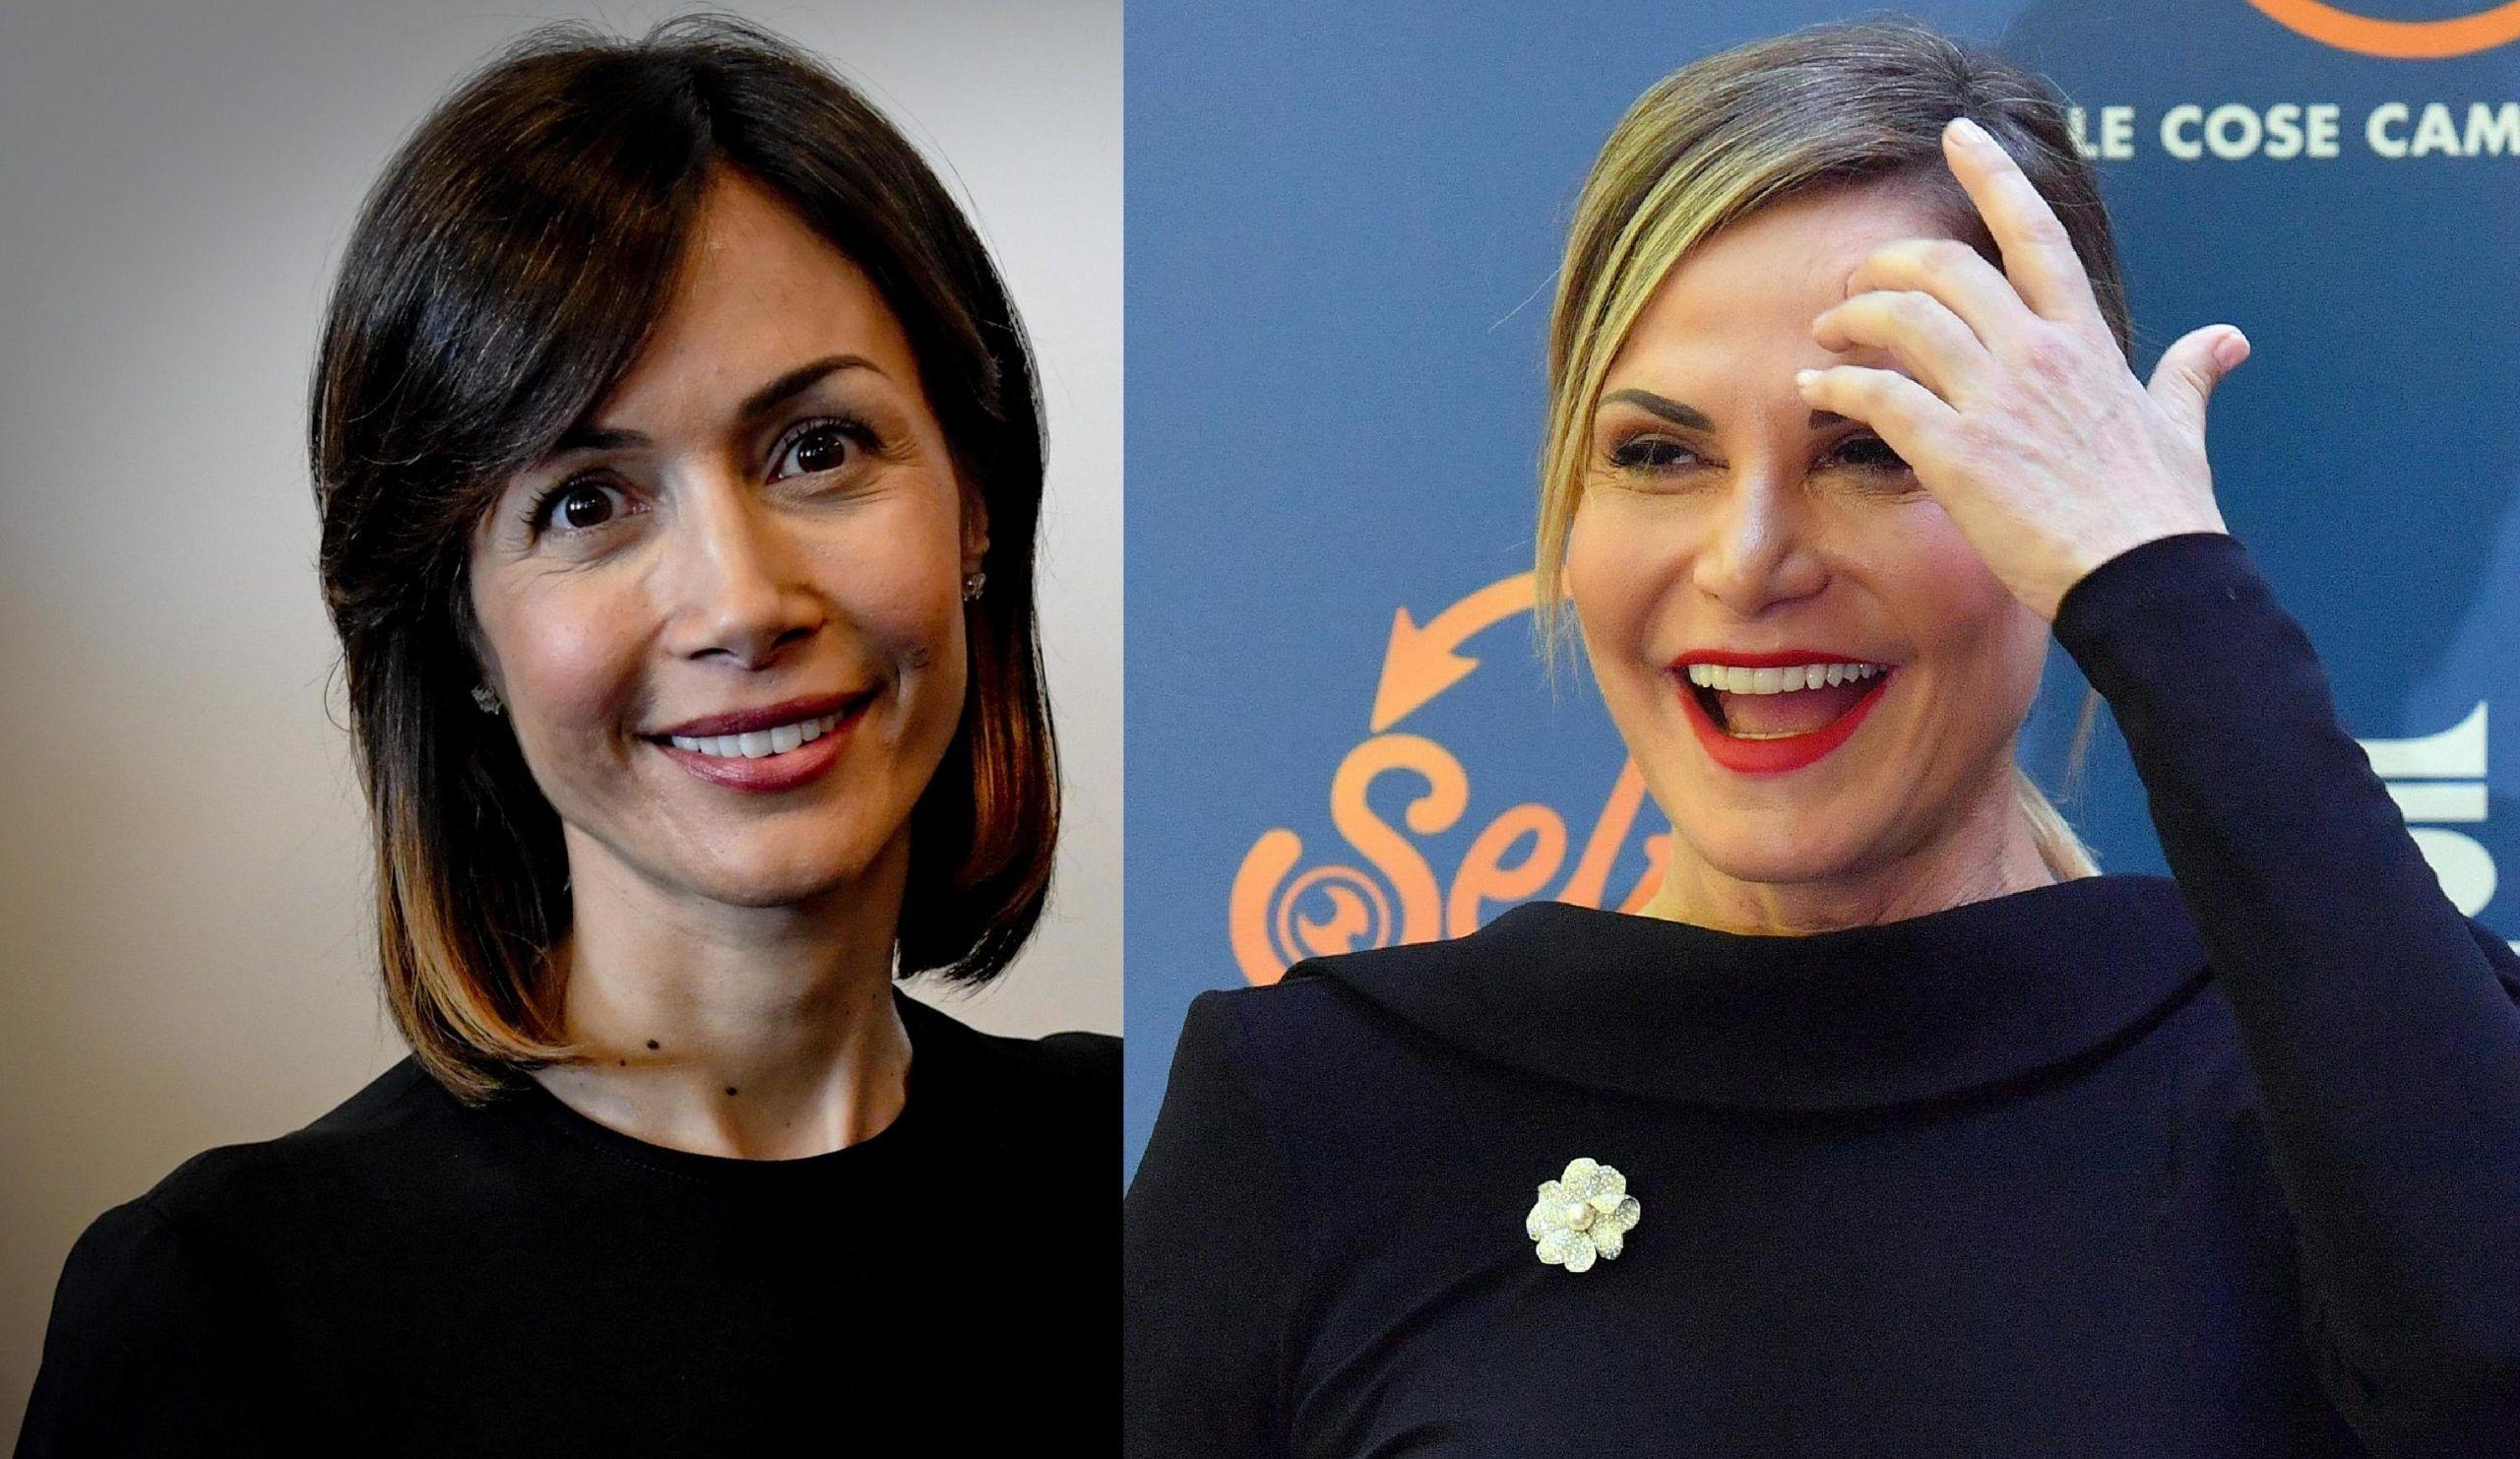 Carfagna, Ventura e il compleanno di Mattarella: lo scambio su Twitter fa ridere tutti